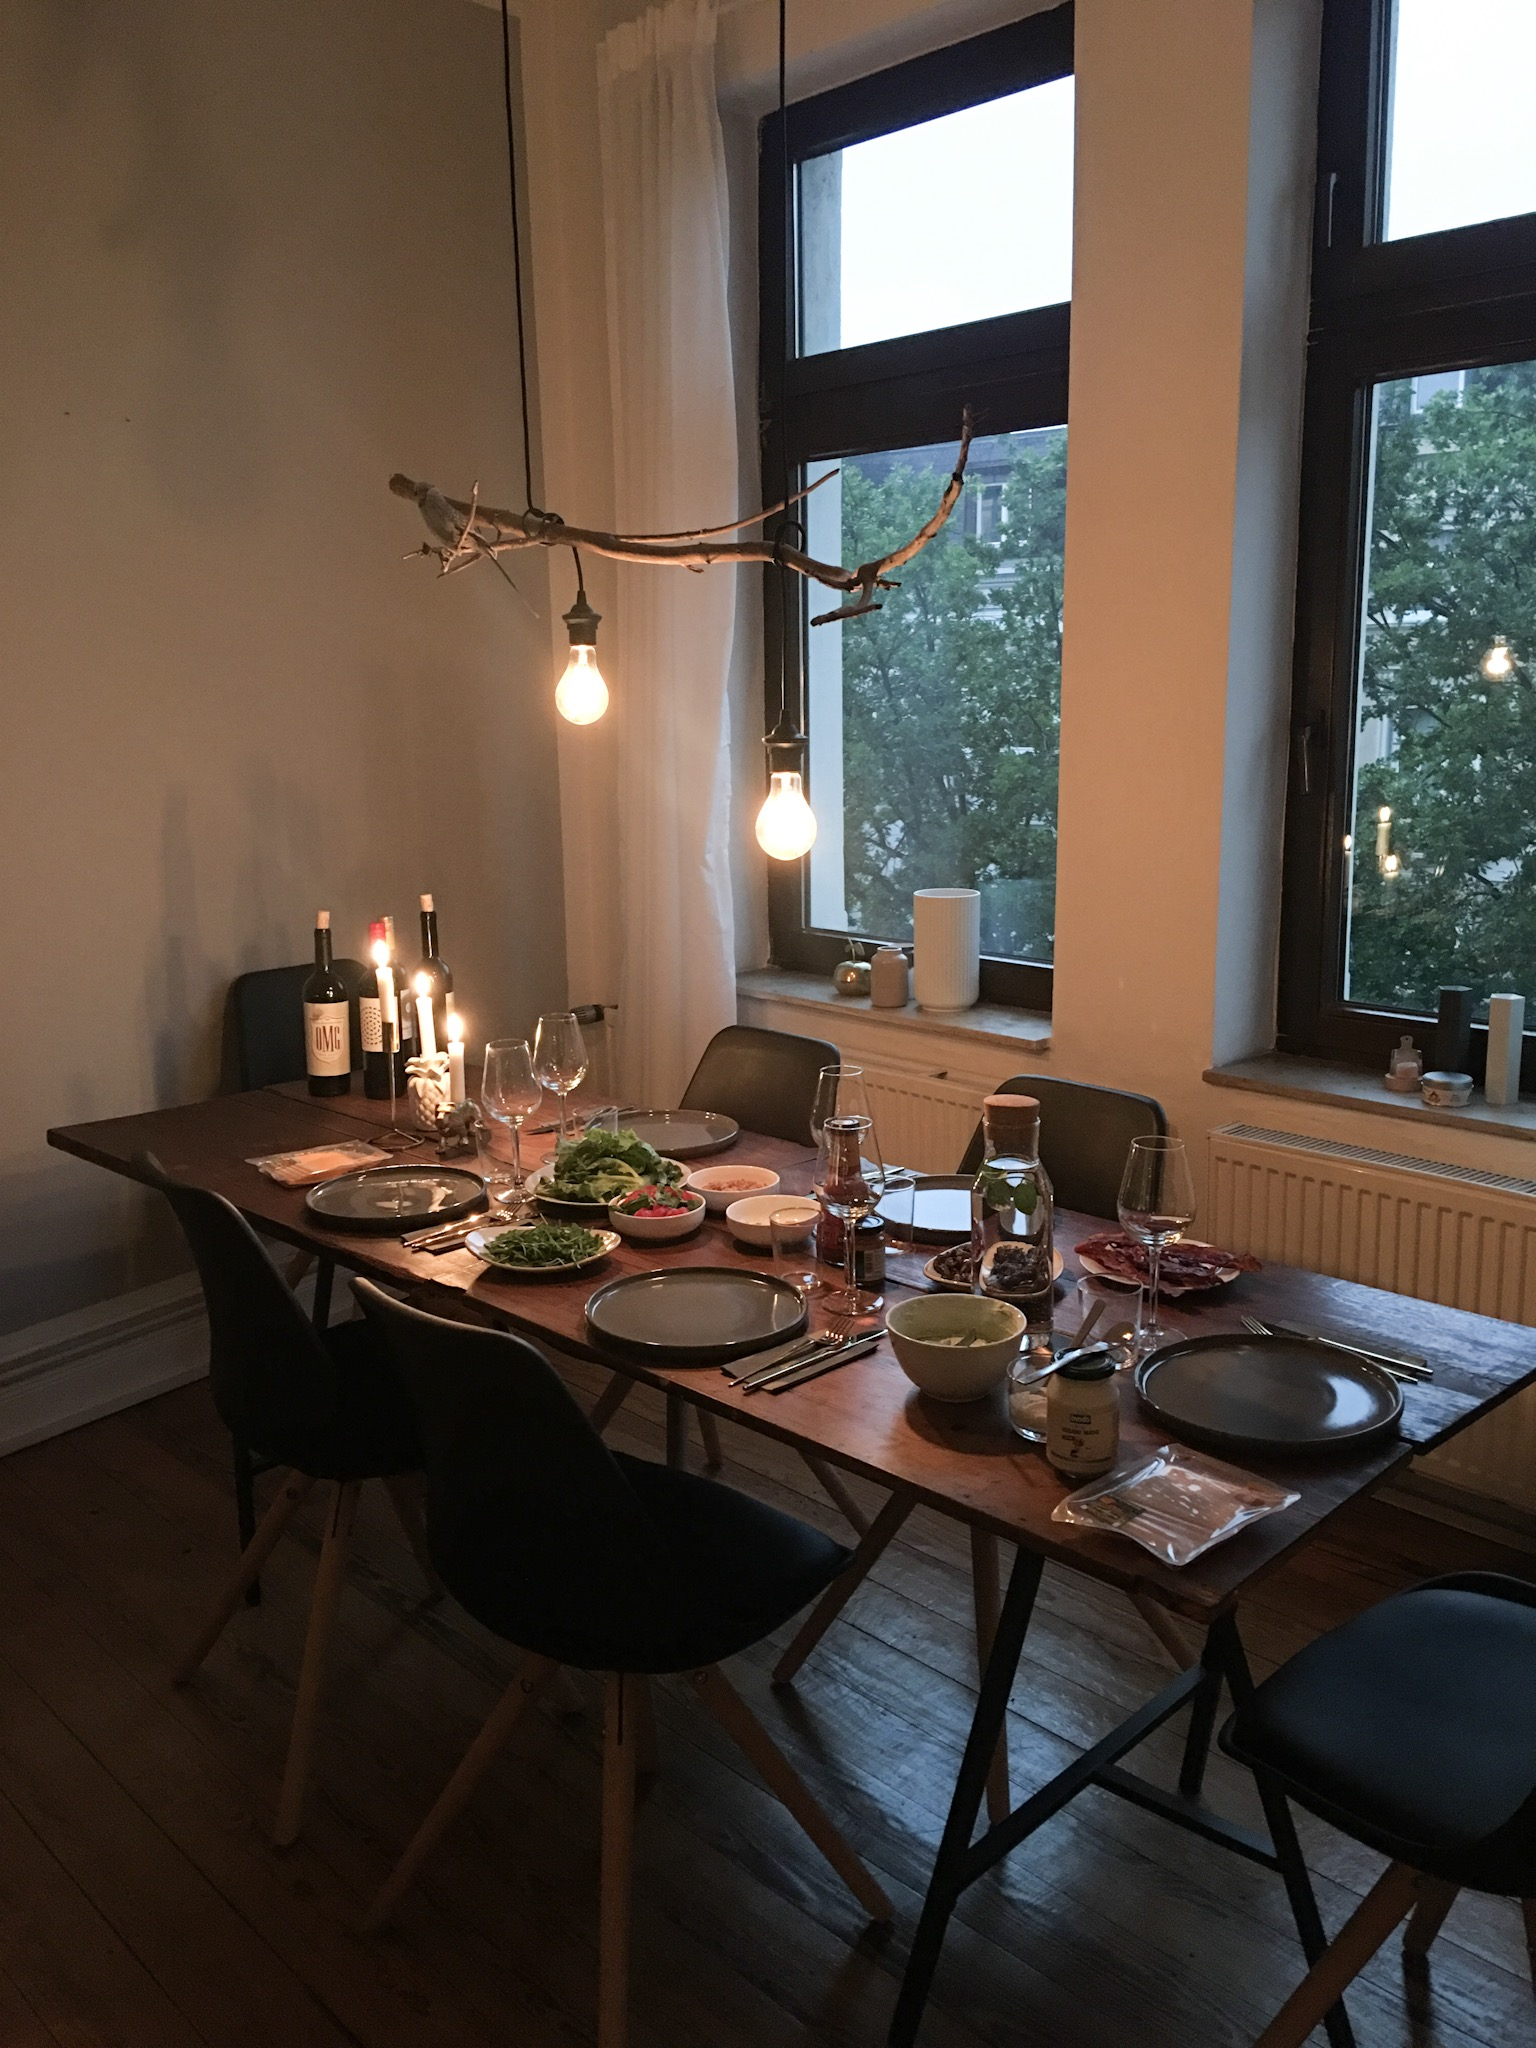 interior design hamburg dienstagslieblinge kw34. Black Bedroom Furniture Sets. Home Design Ideas